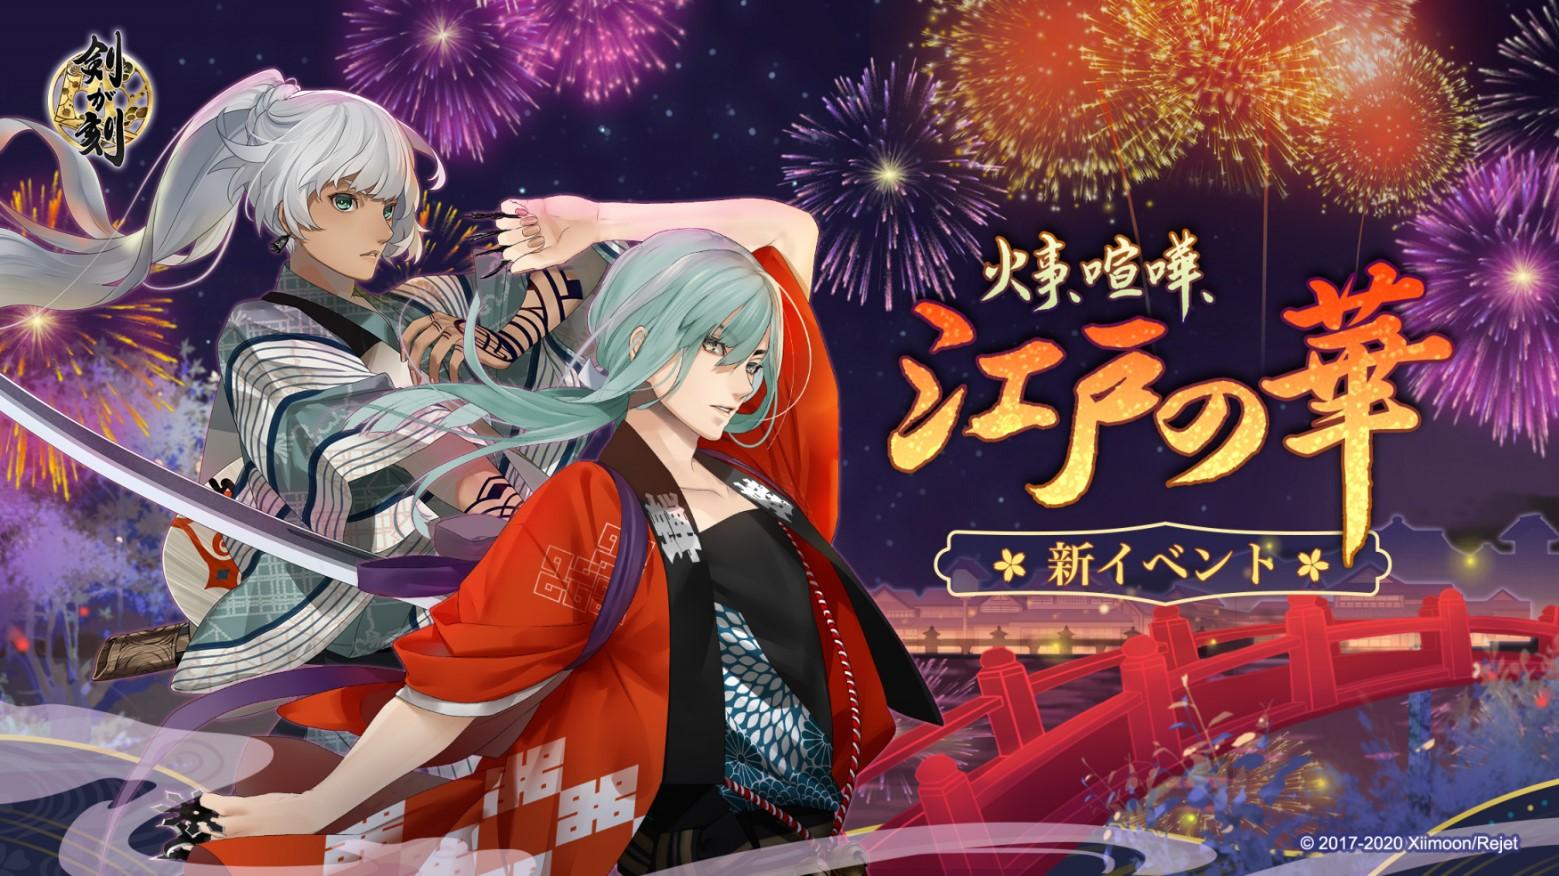 「剣が刻」,新イベント「火事、喧嘩、江戸の華」の開催が決定